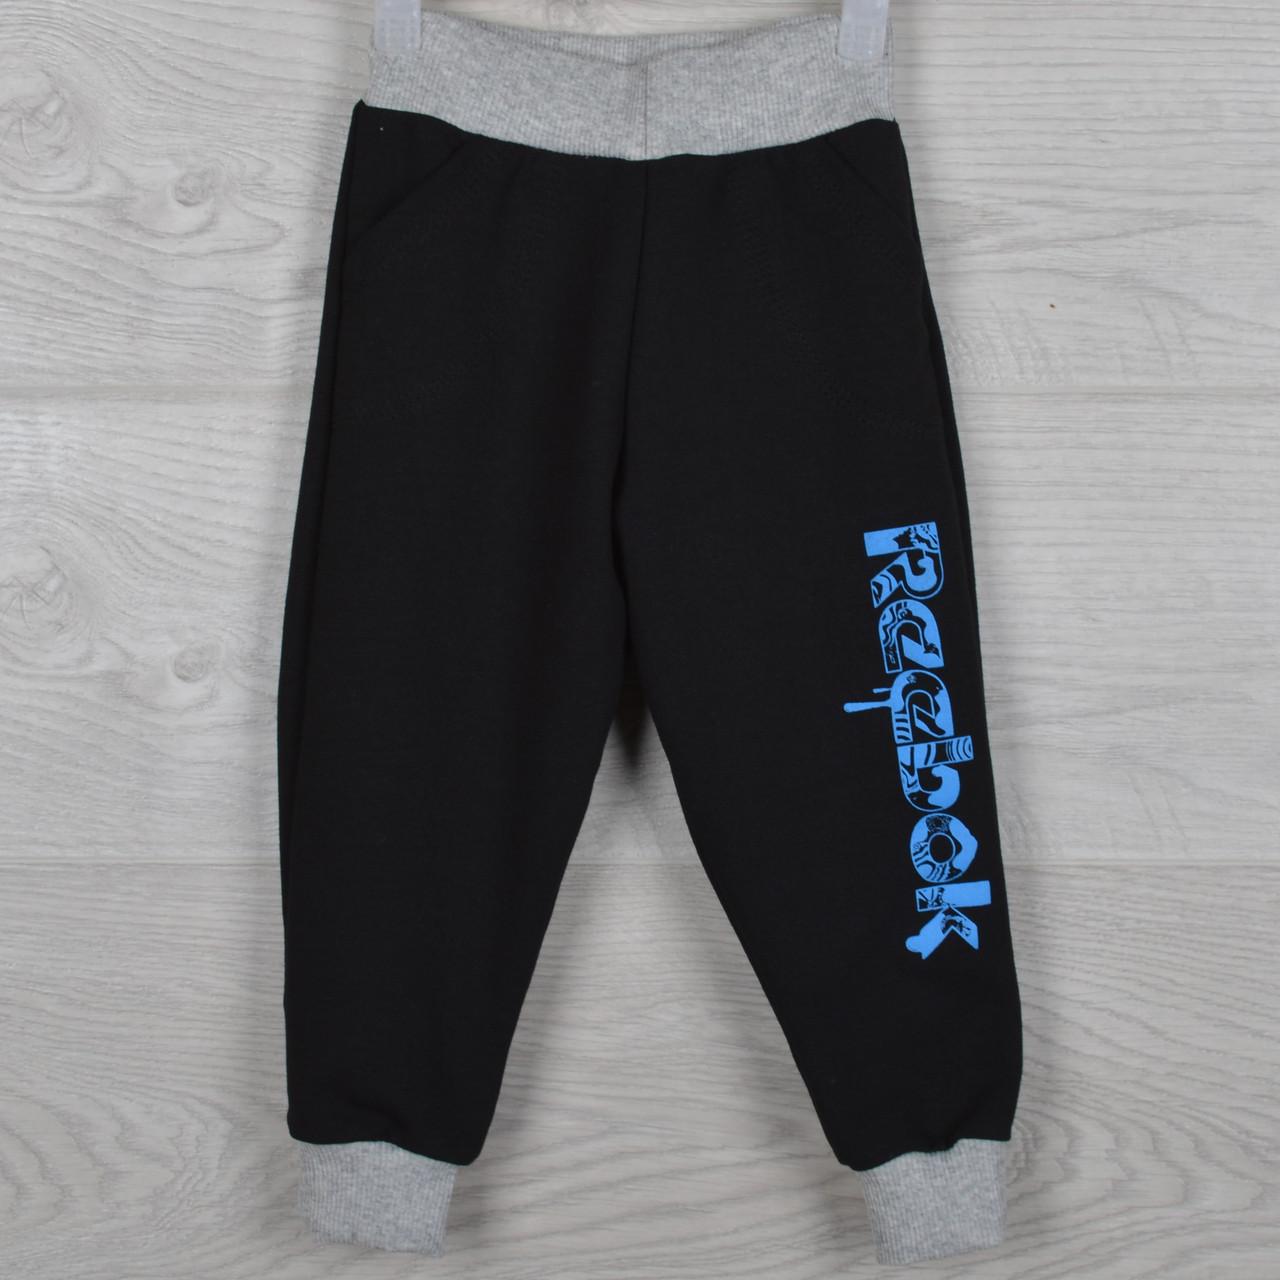 """Спортивные штаны детские """"Reebok реплика"""" 1-2-3-4-5 лет (86-110 см). Черные. Оптом"""